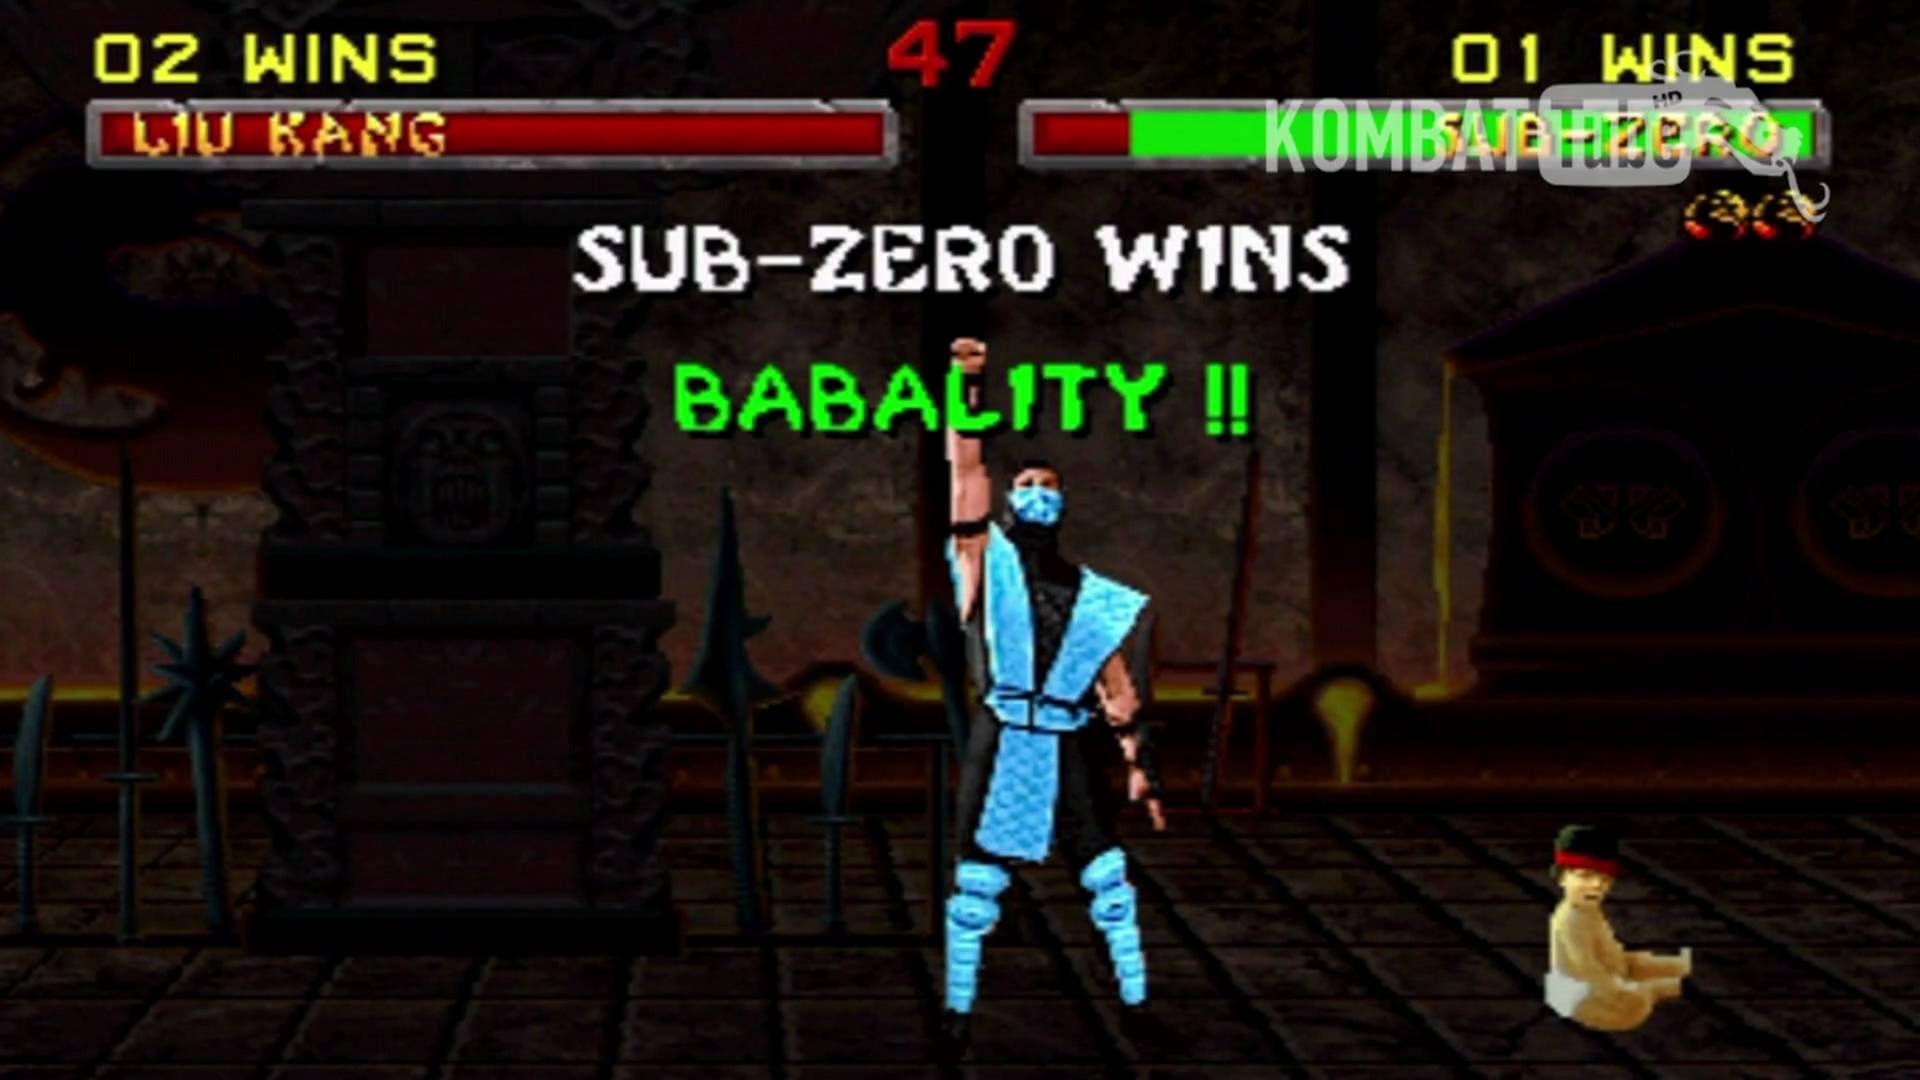 MK II Sub-Zero Babality